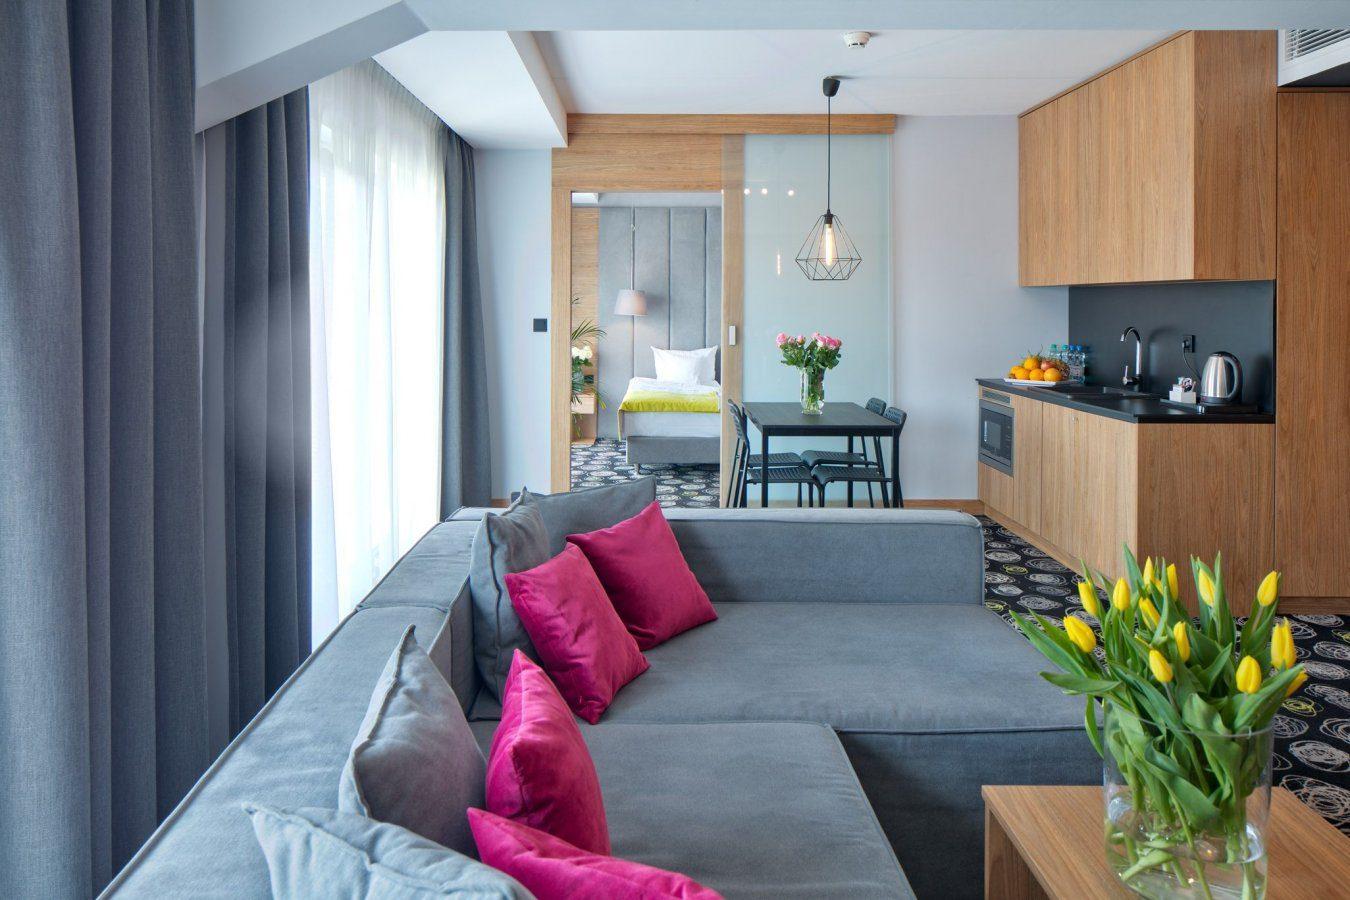 mielenko-hotel-baltin-fot-piotr-krajewski-1-jpg-lq_072_W_3K2A1555